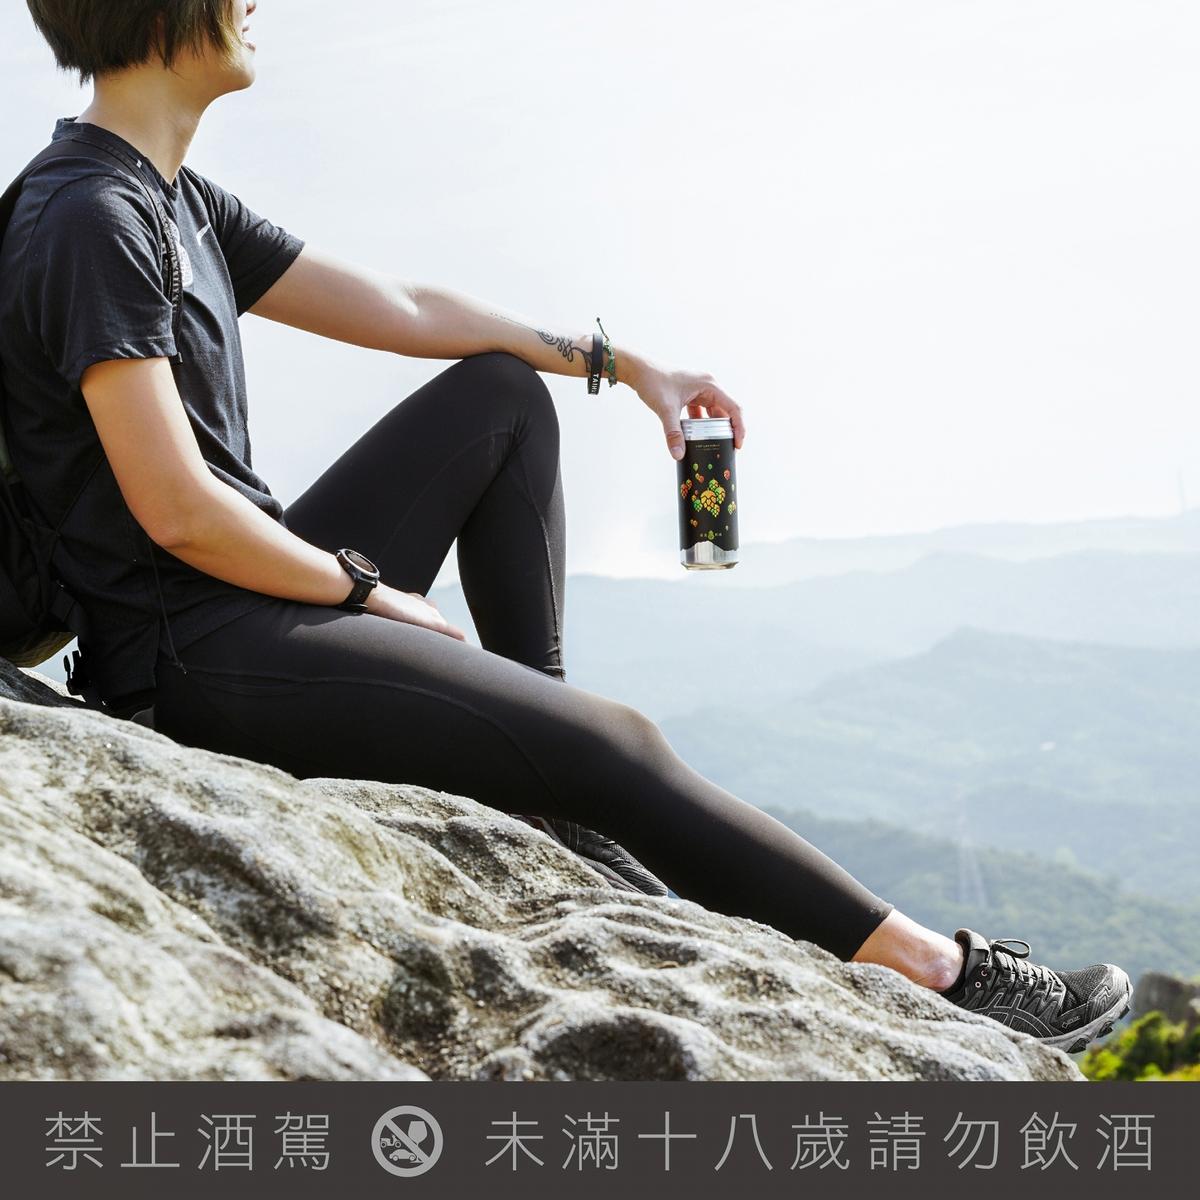 鳳梨果香+松針香氣太迷人!臺虎精釀新推2020「酒花飛高高-蘇丹娜」3/28限量開賣,酒花控快搶喝